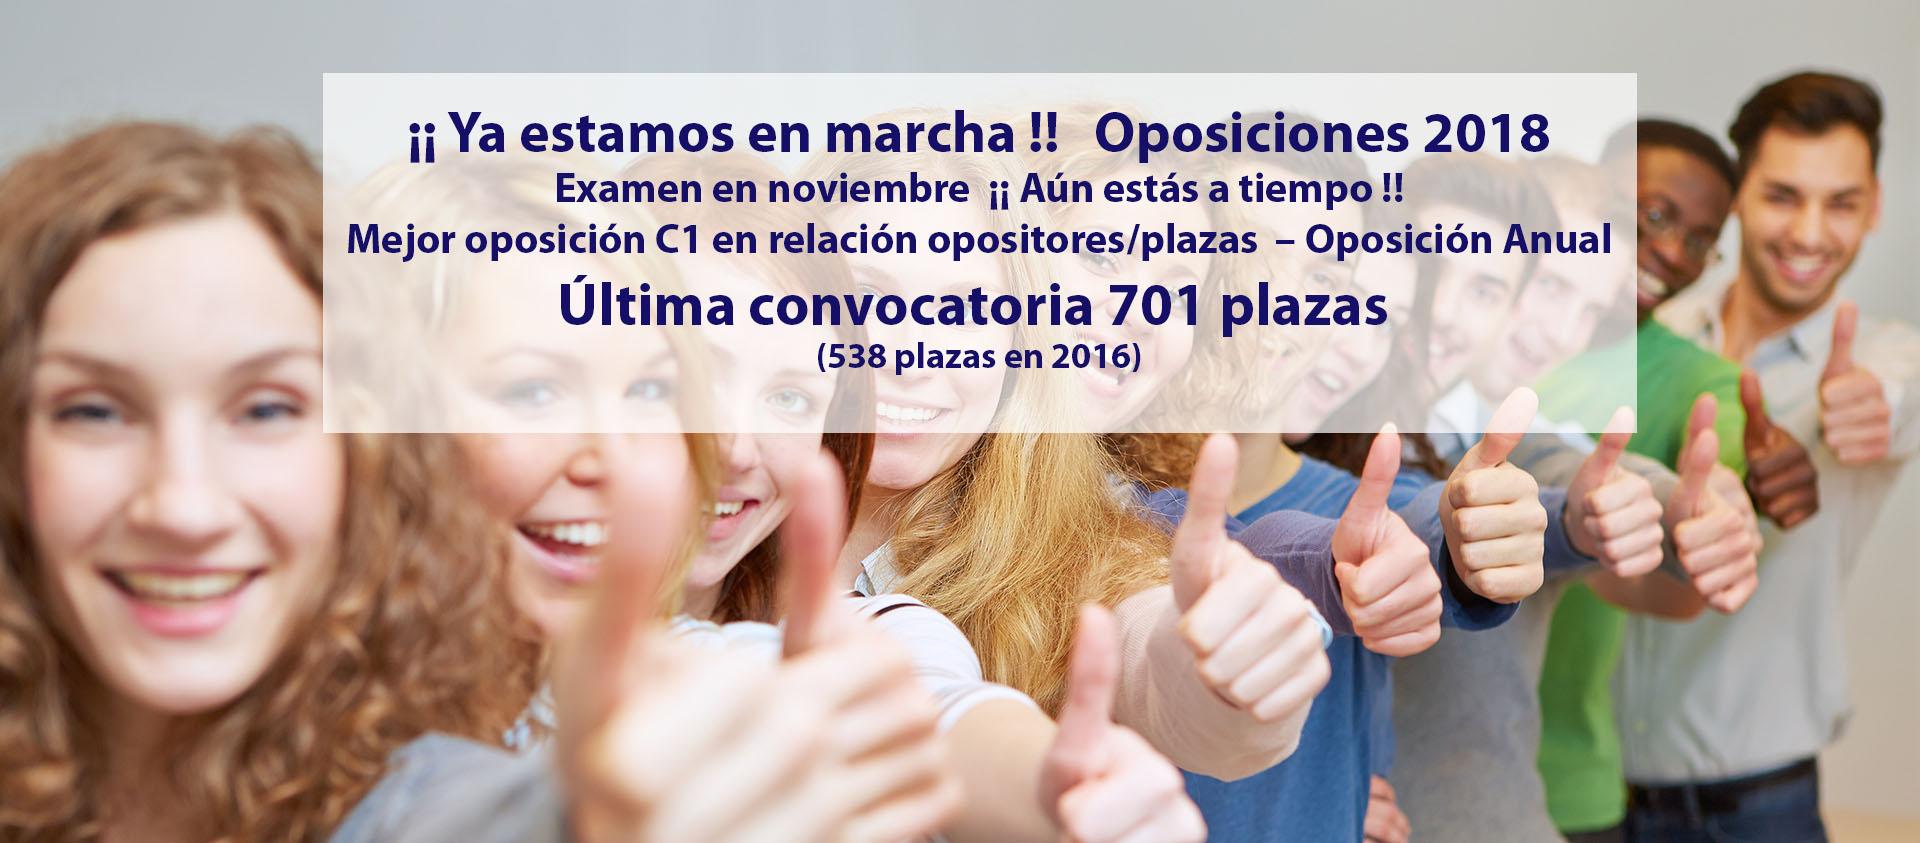 slide_oposiciones_prisiones3-recortada